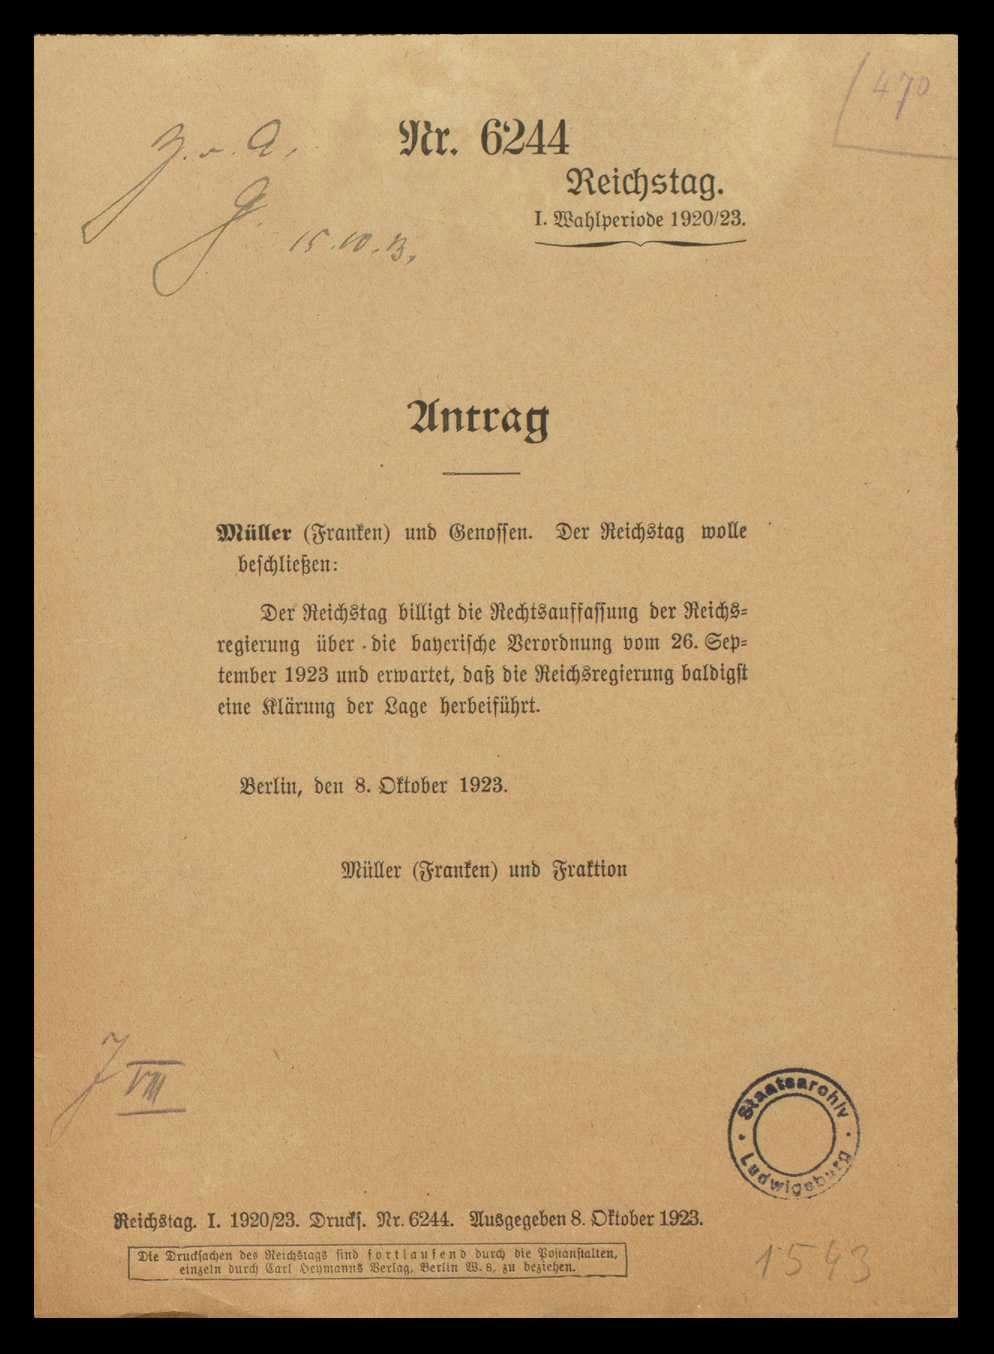 Maßnahmen des Reichs und der Länder aufgrund Artikel 48 der Reichsverfassung zum Schutz und zur Wiederherstellung der öffentlichen Ordnung, militärischer Ausnahmezustand, Bild 1